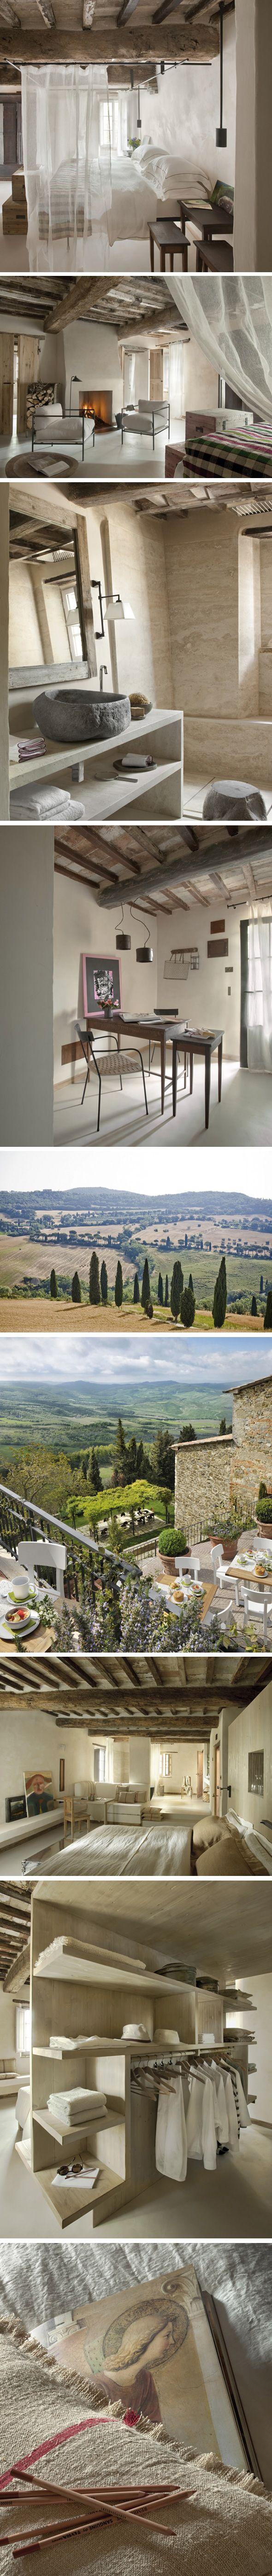 Hôtel de charme dans les collines toscanes                                                                                                                                                                                 Plus